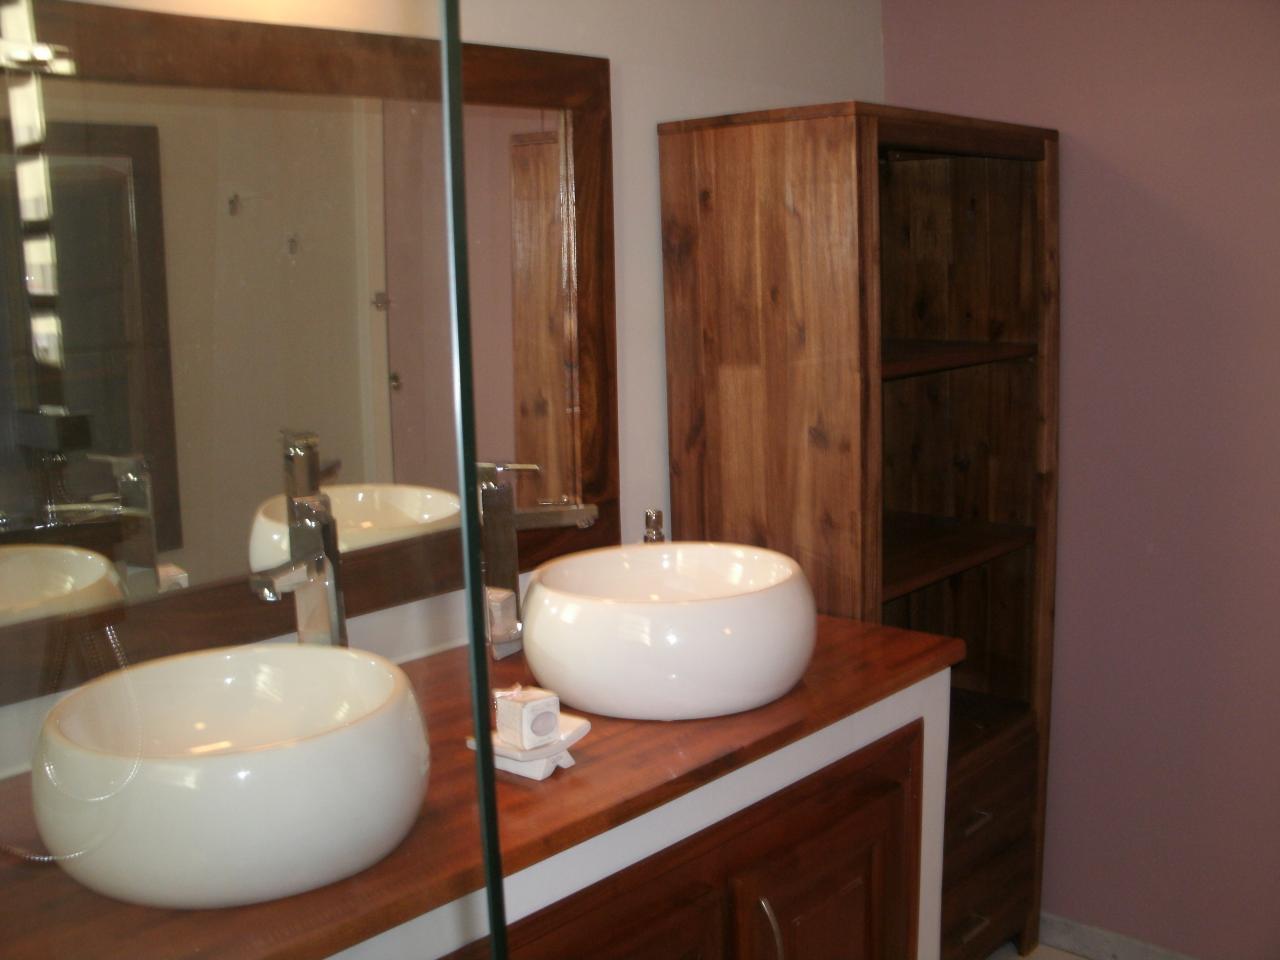 salle de bain rez de chausée de l'hébergement